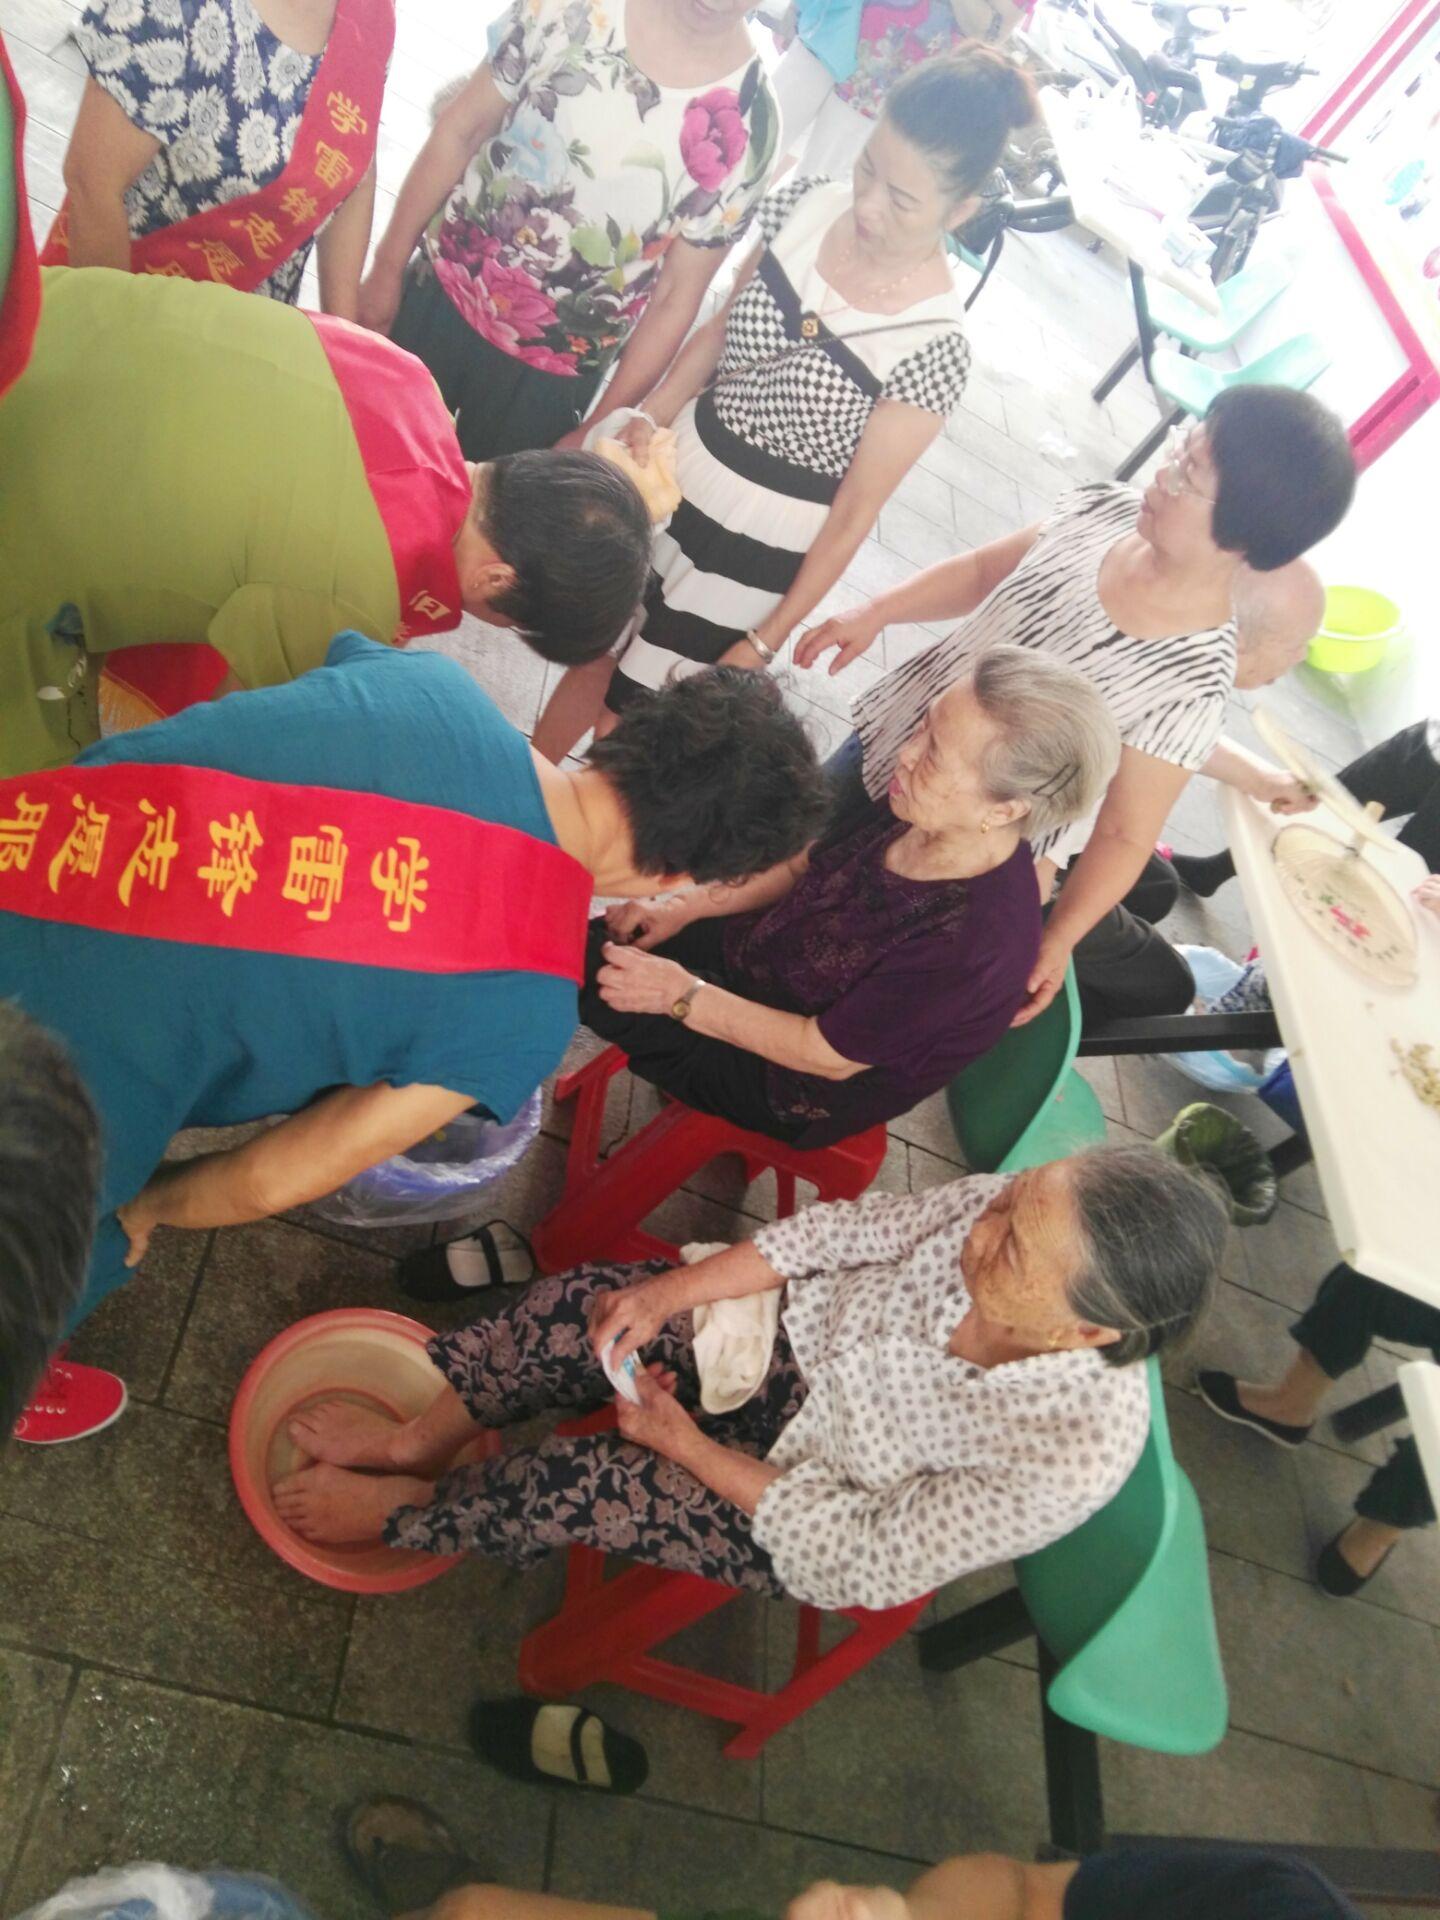 阳春社区为老年居民新增服务项目